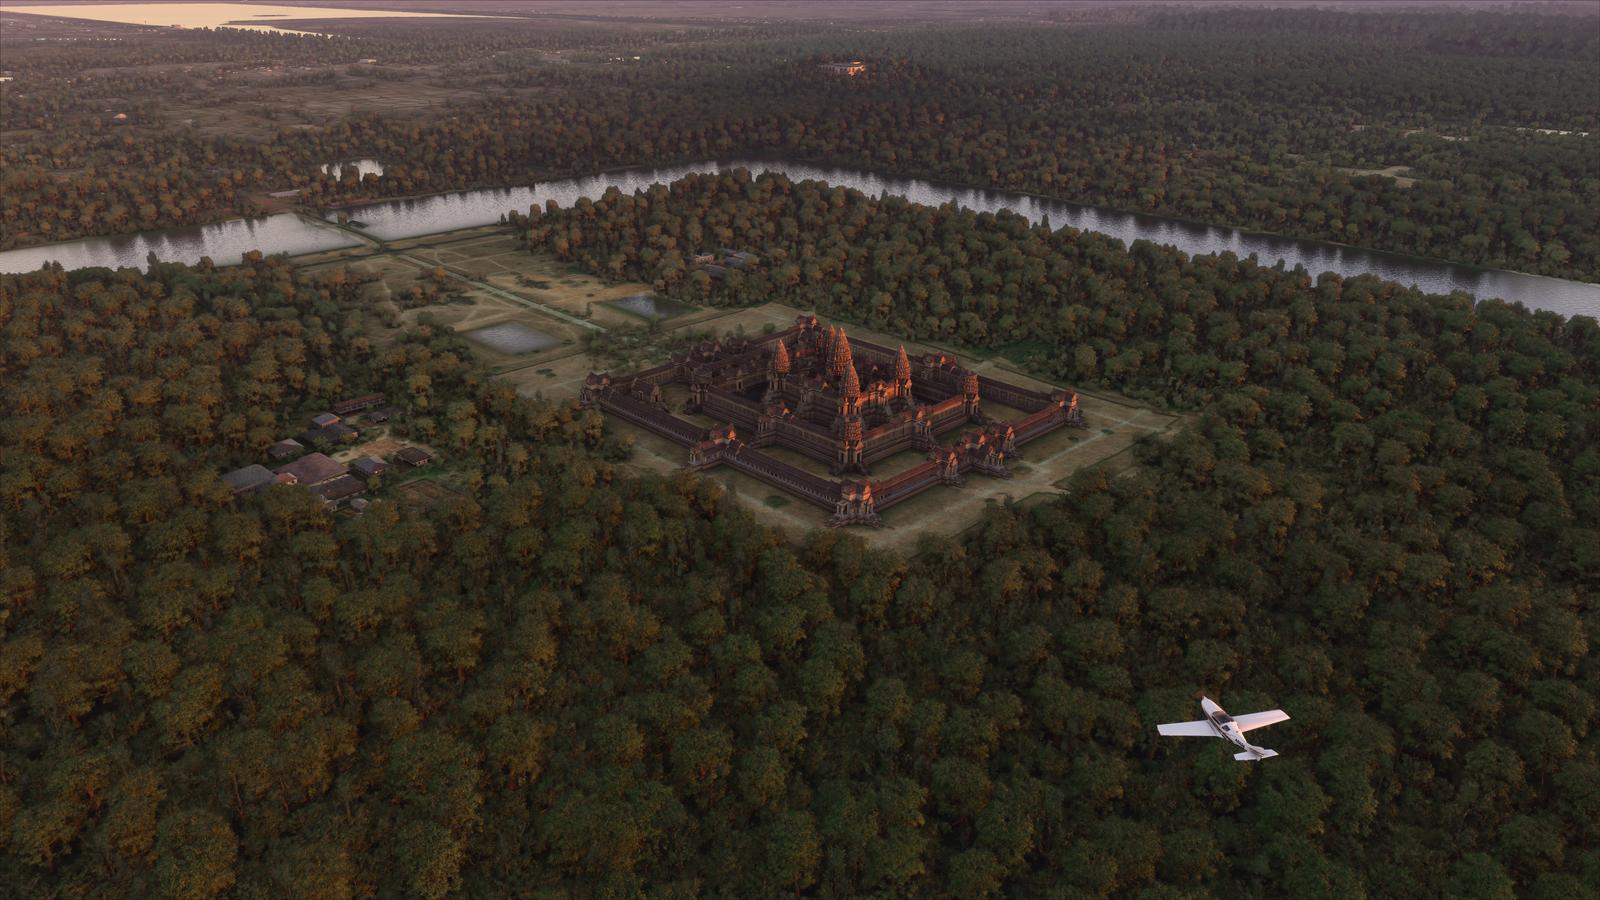 VL3_NYT_7K_Angkor